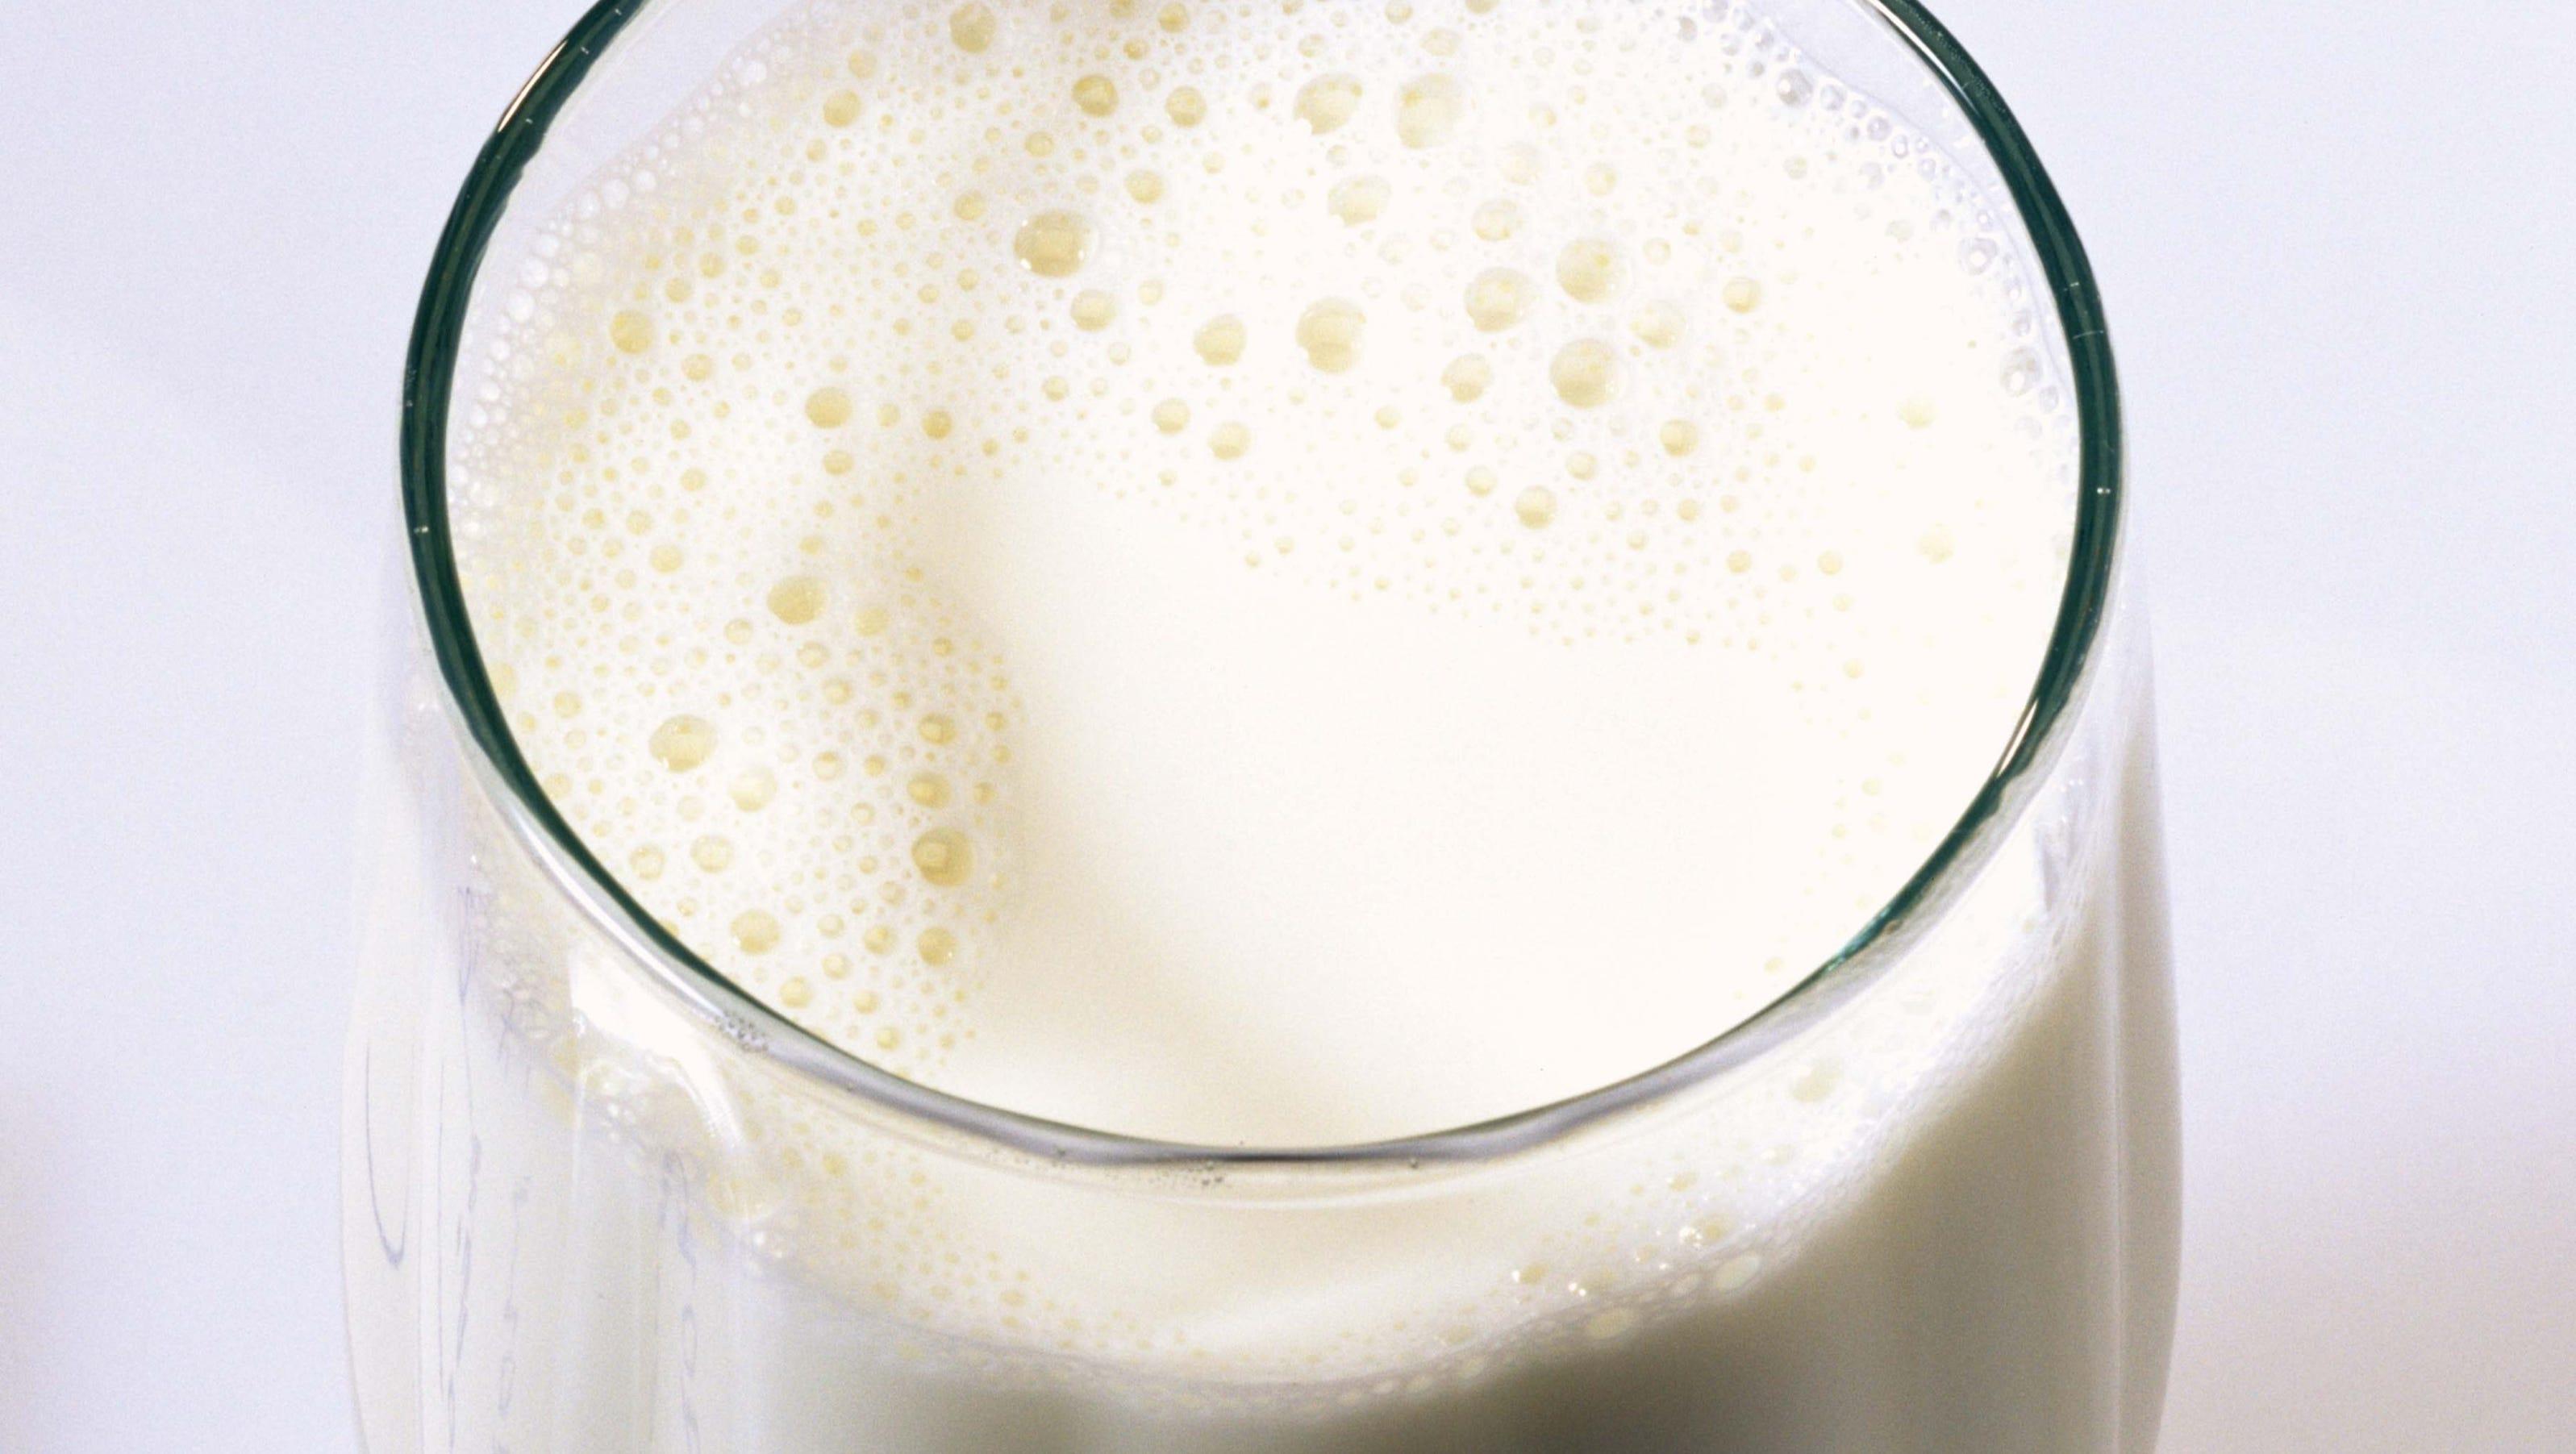 Жирность молока в домашних условиях 785